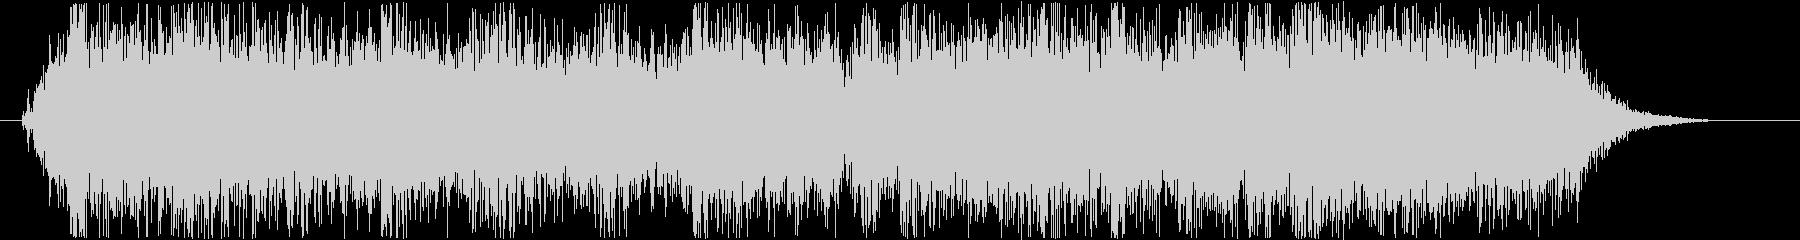 ロックバンドショートジングル003の未再生の波形